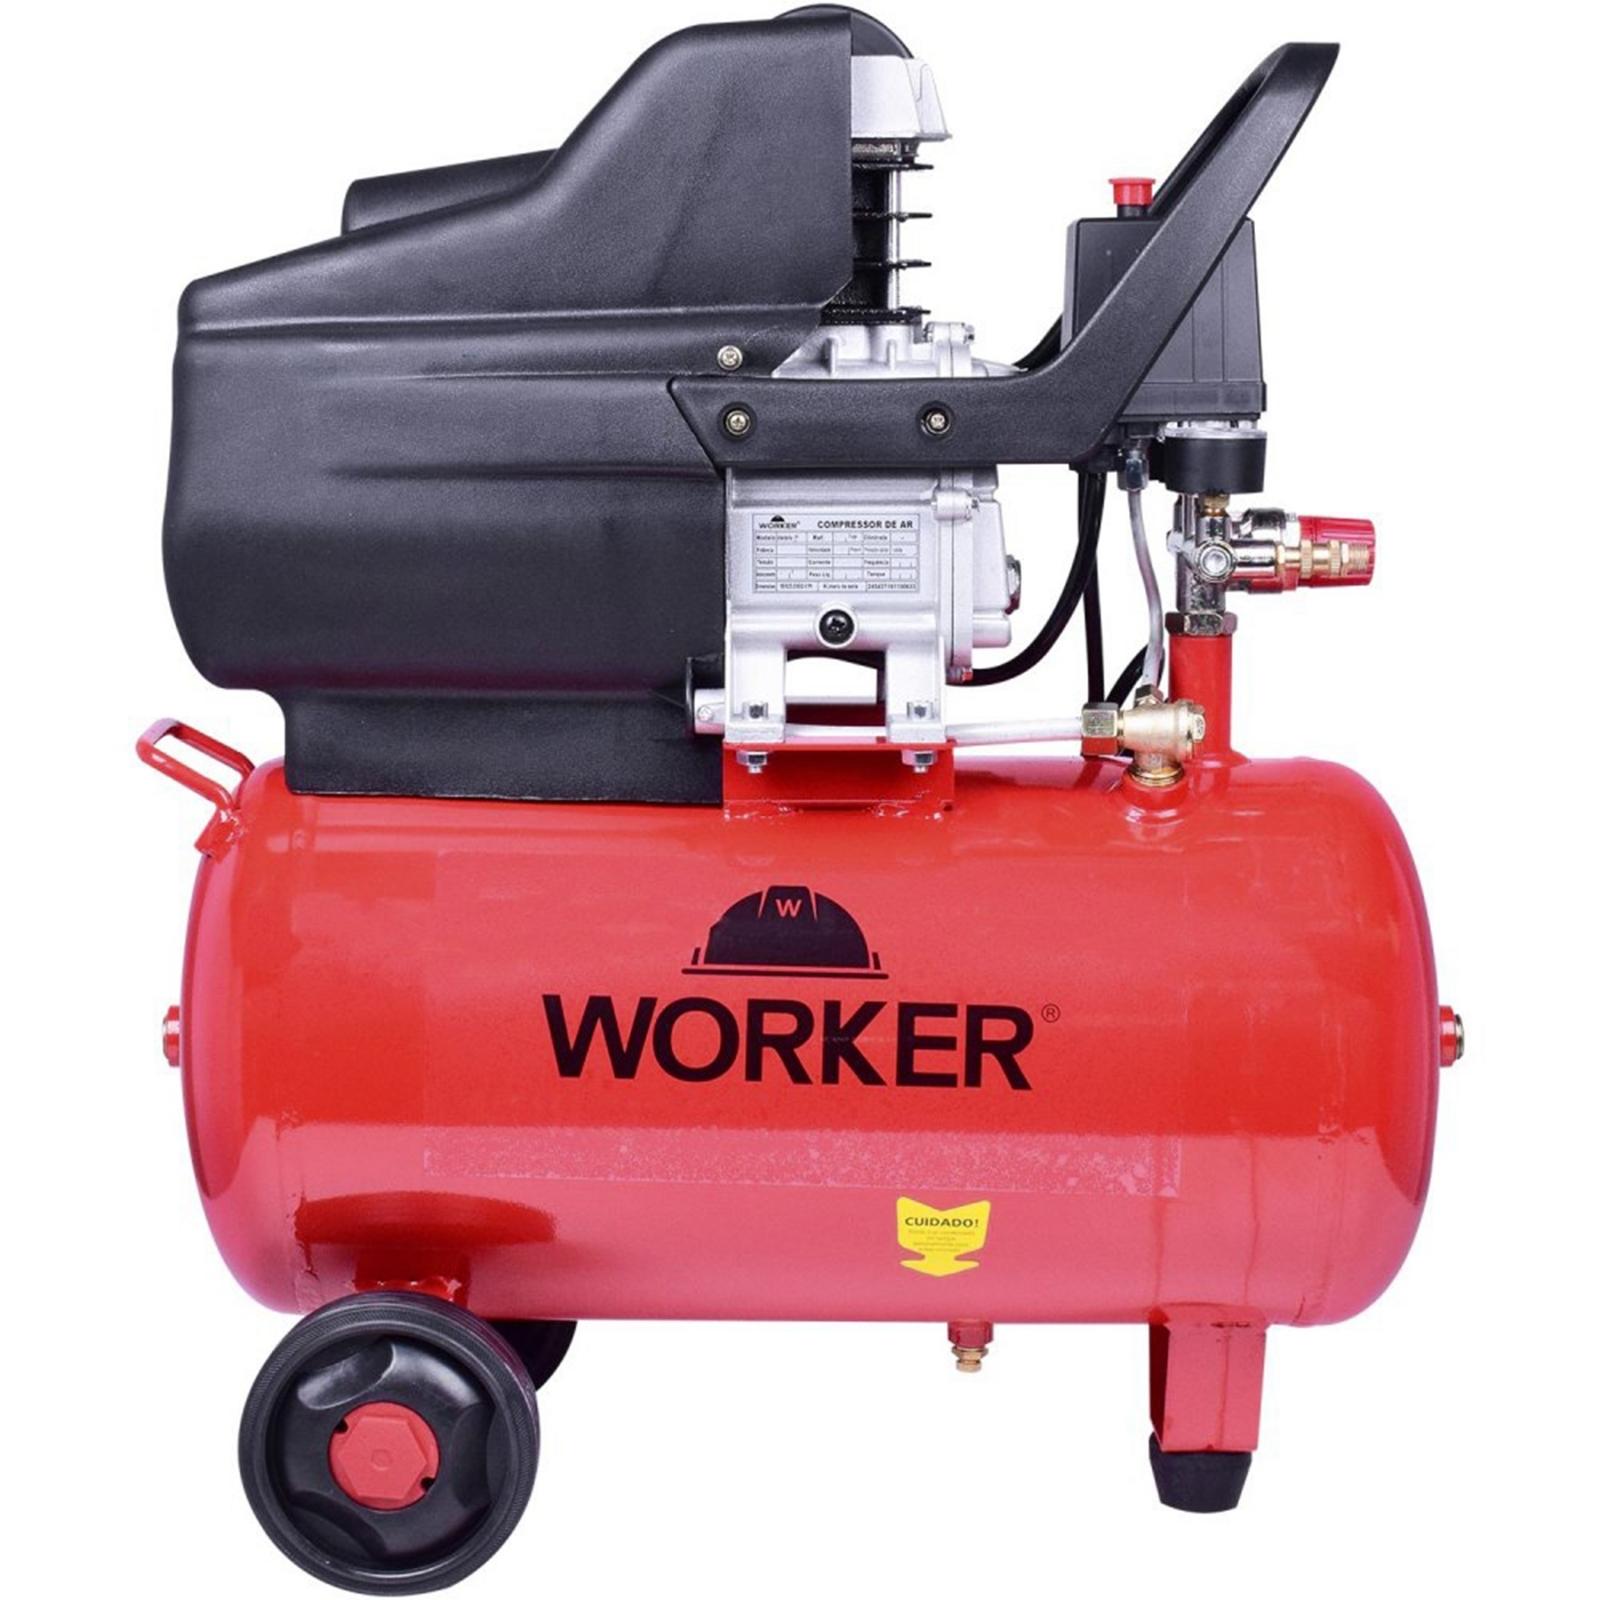 Compressor Portátil 24 Litros Worker 110v Cw1 - Ferramentas MEP